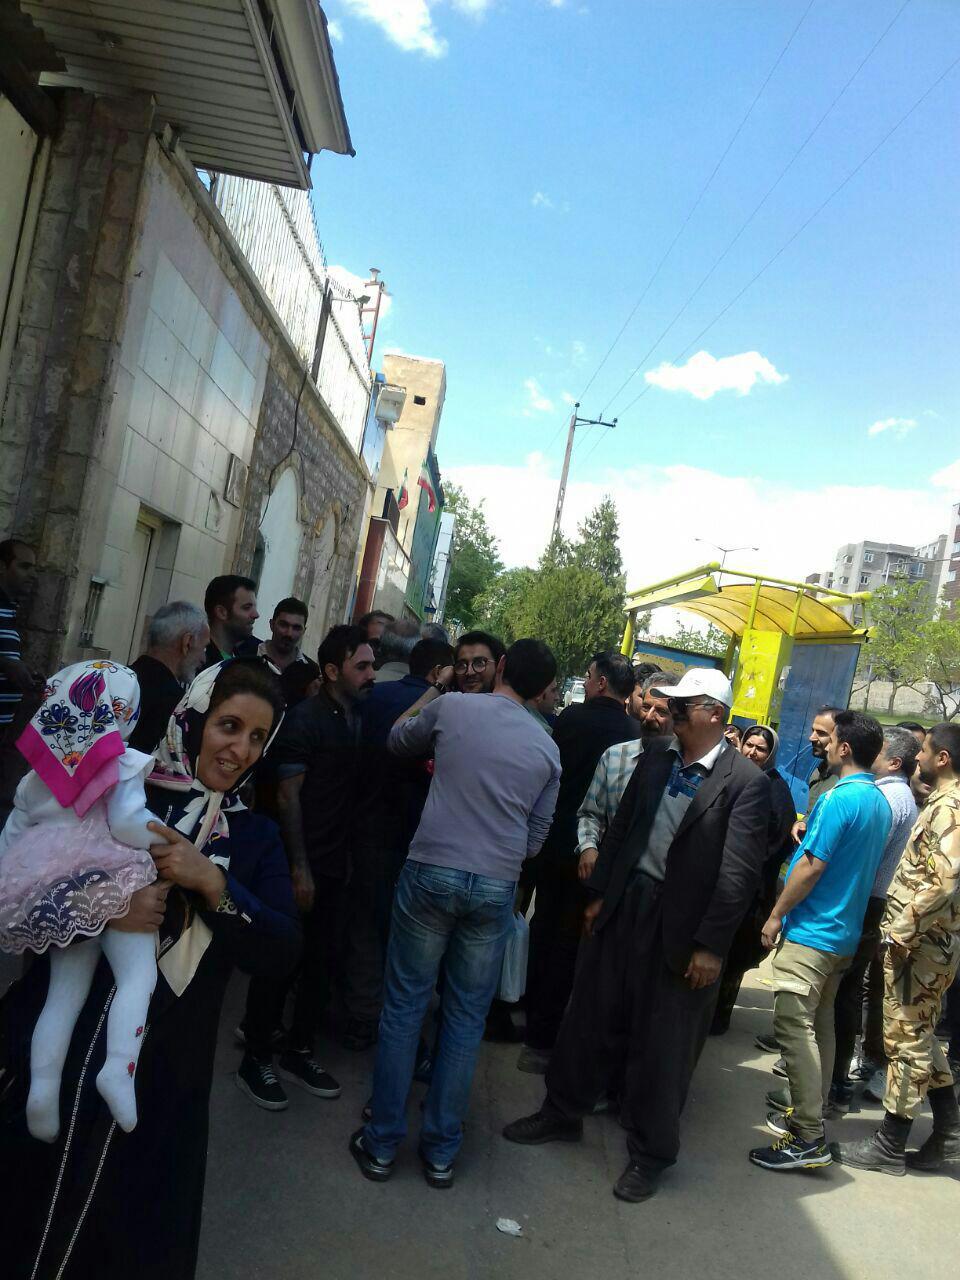 آزادی فعالین کارگری که در رابطه با اول ماه می دستگیر شده بودند